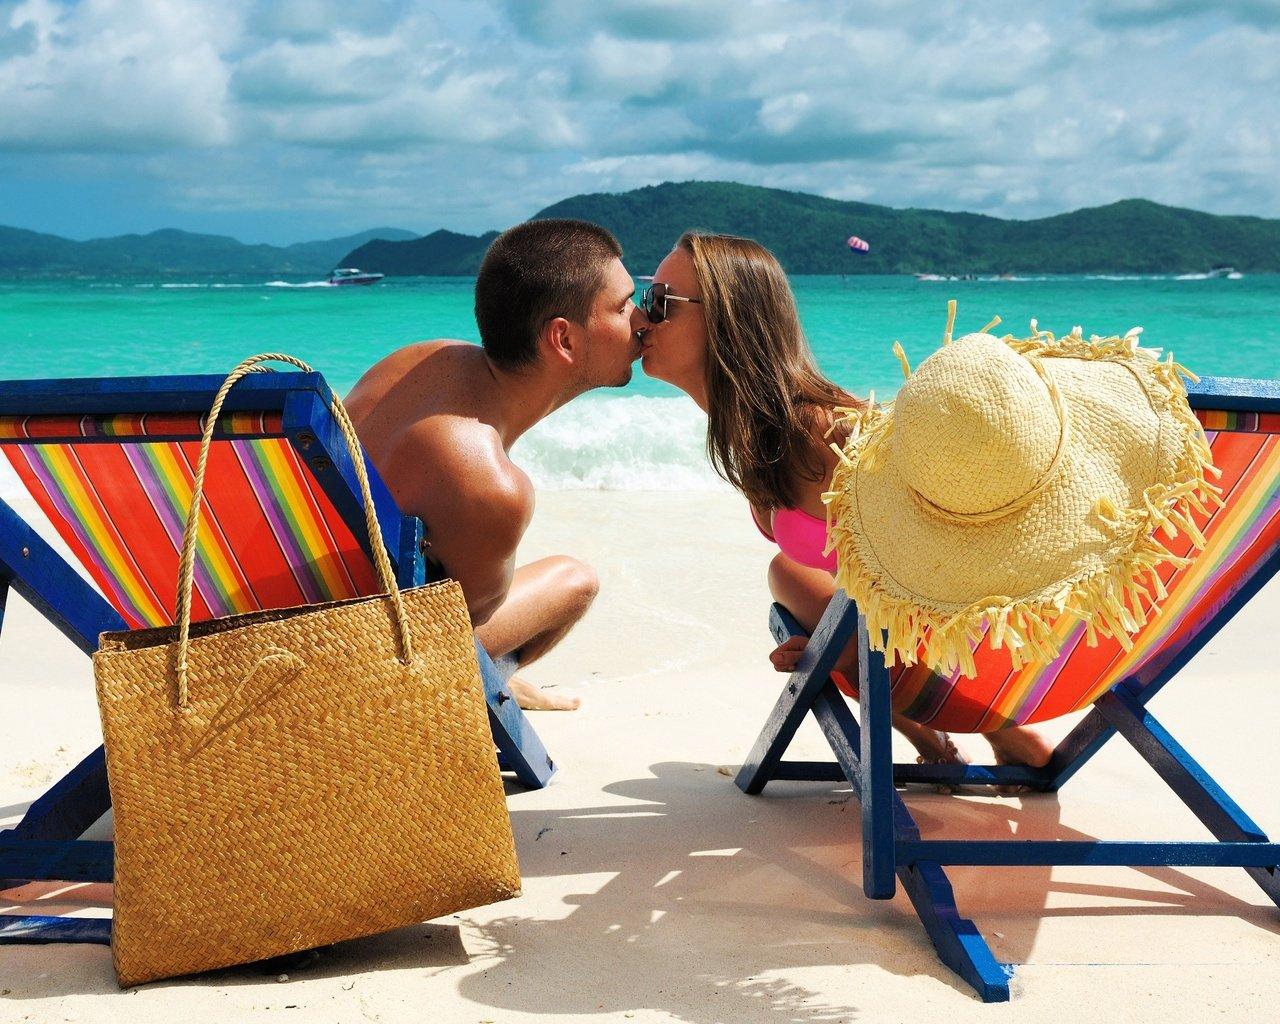 значит, пляжный отдых фотографий все туристы одинаково